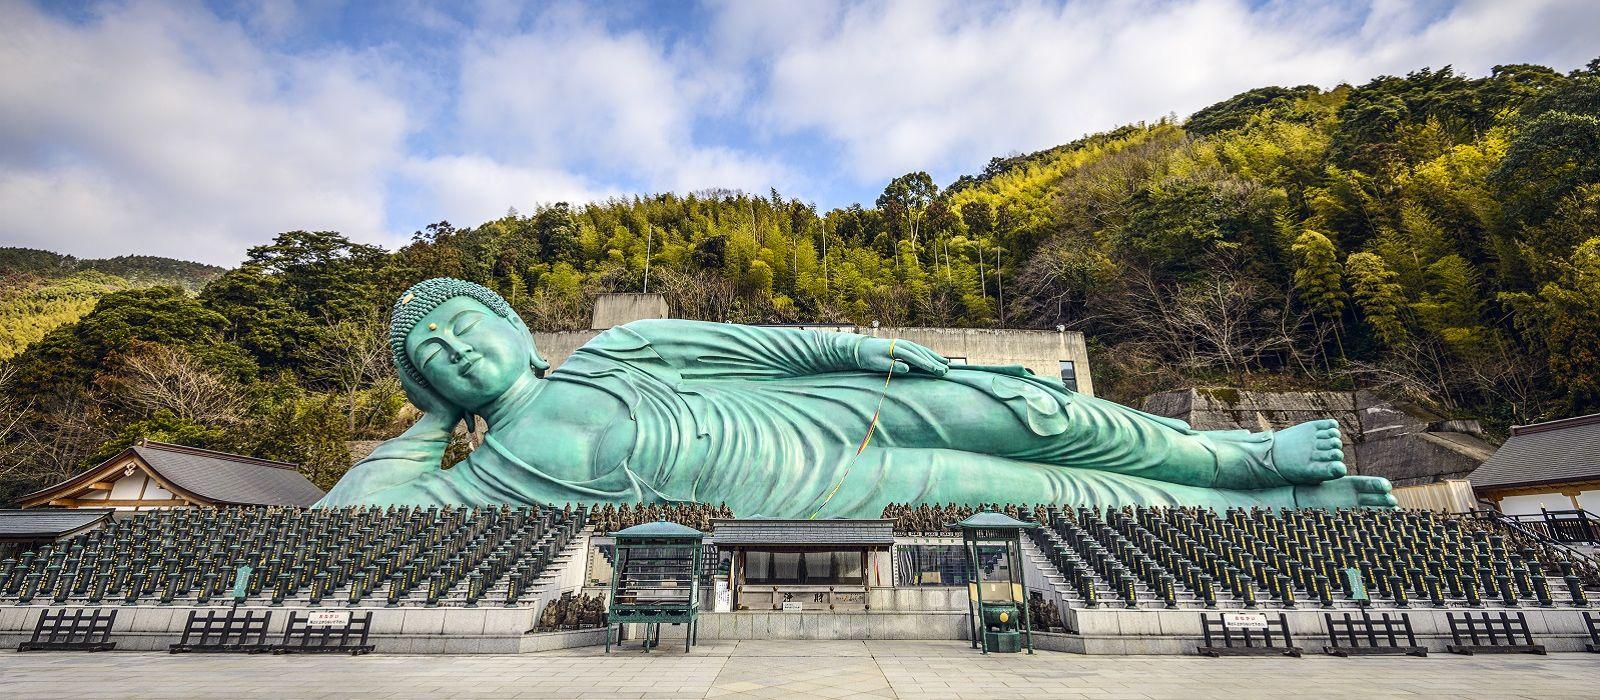 Unbekanntes Japan Urlaub 2